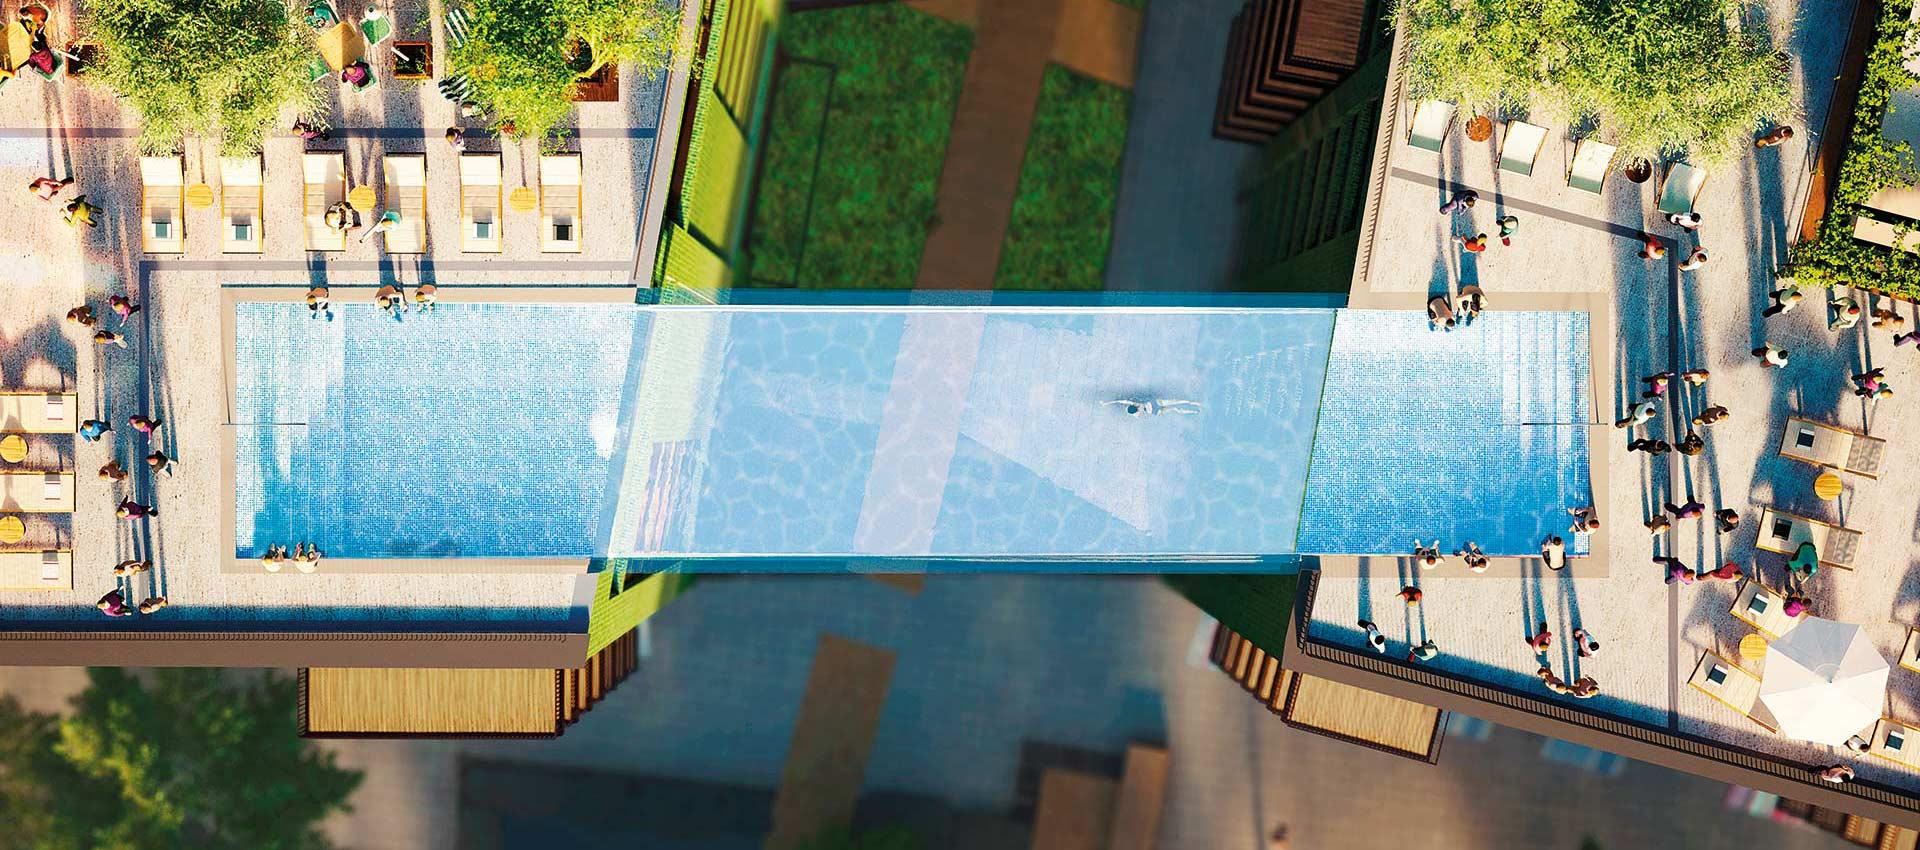 В Лондоне построили первый в мире 25-метровый мост-бассейн